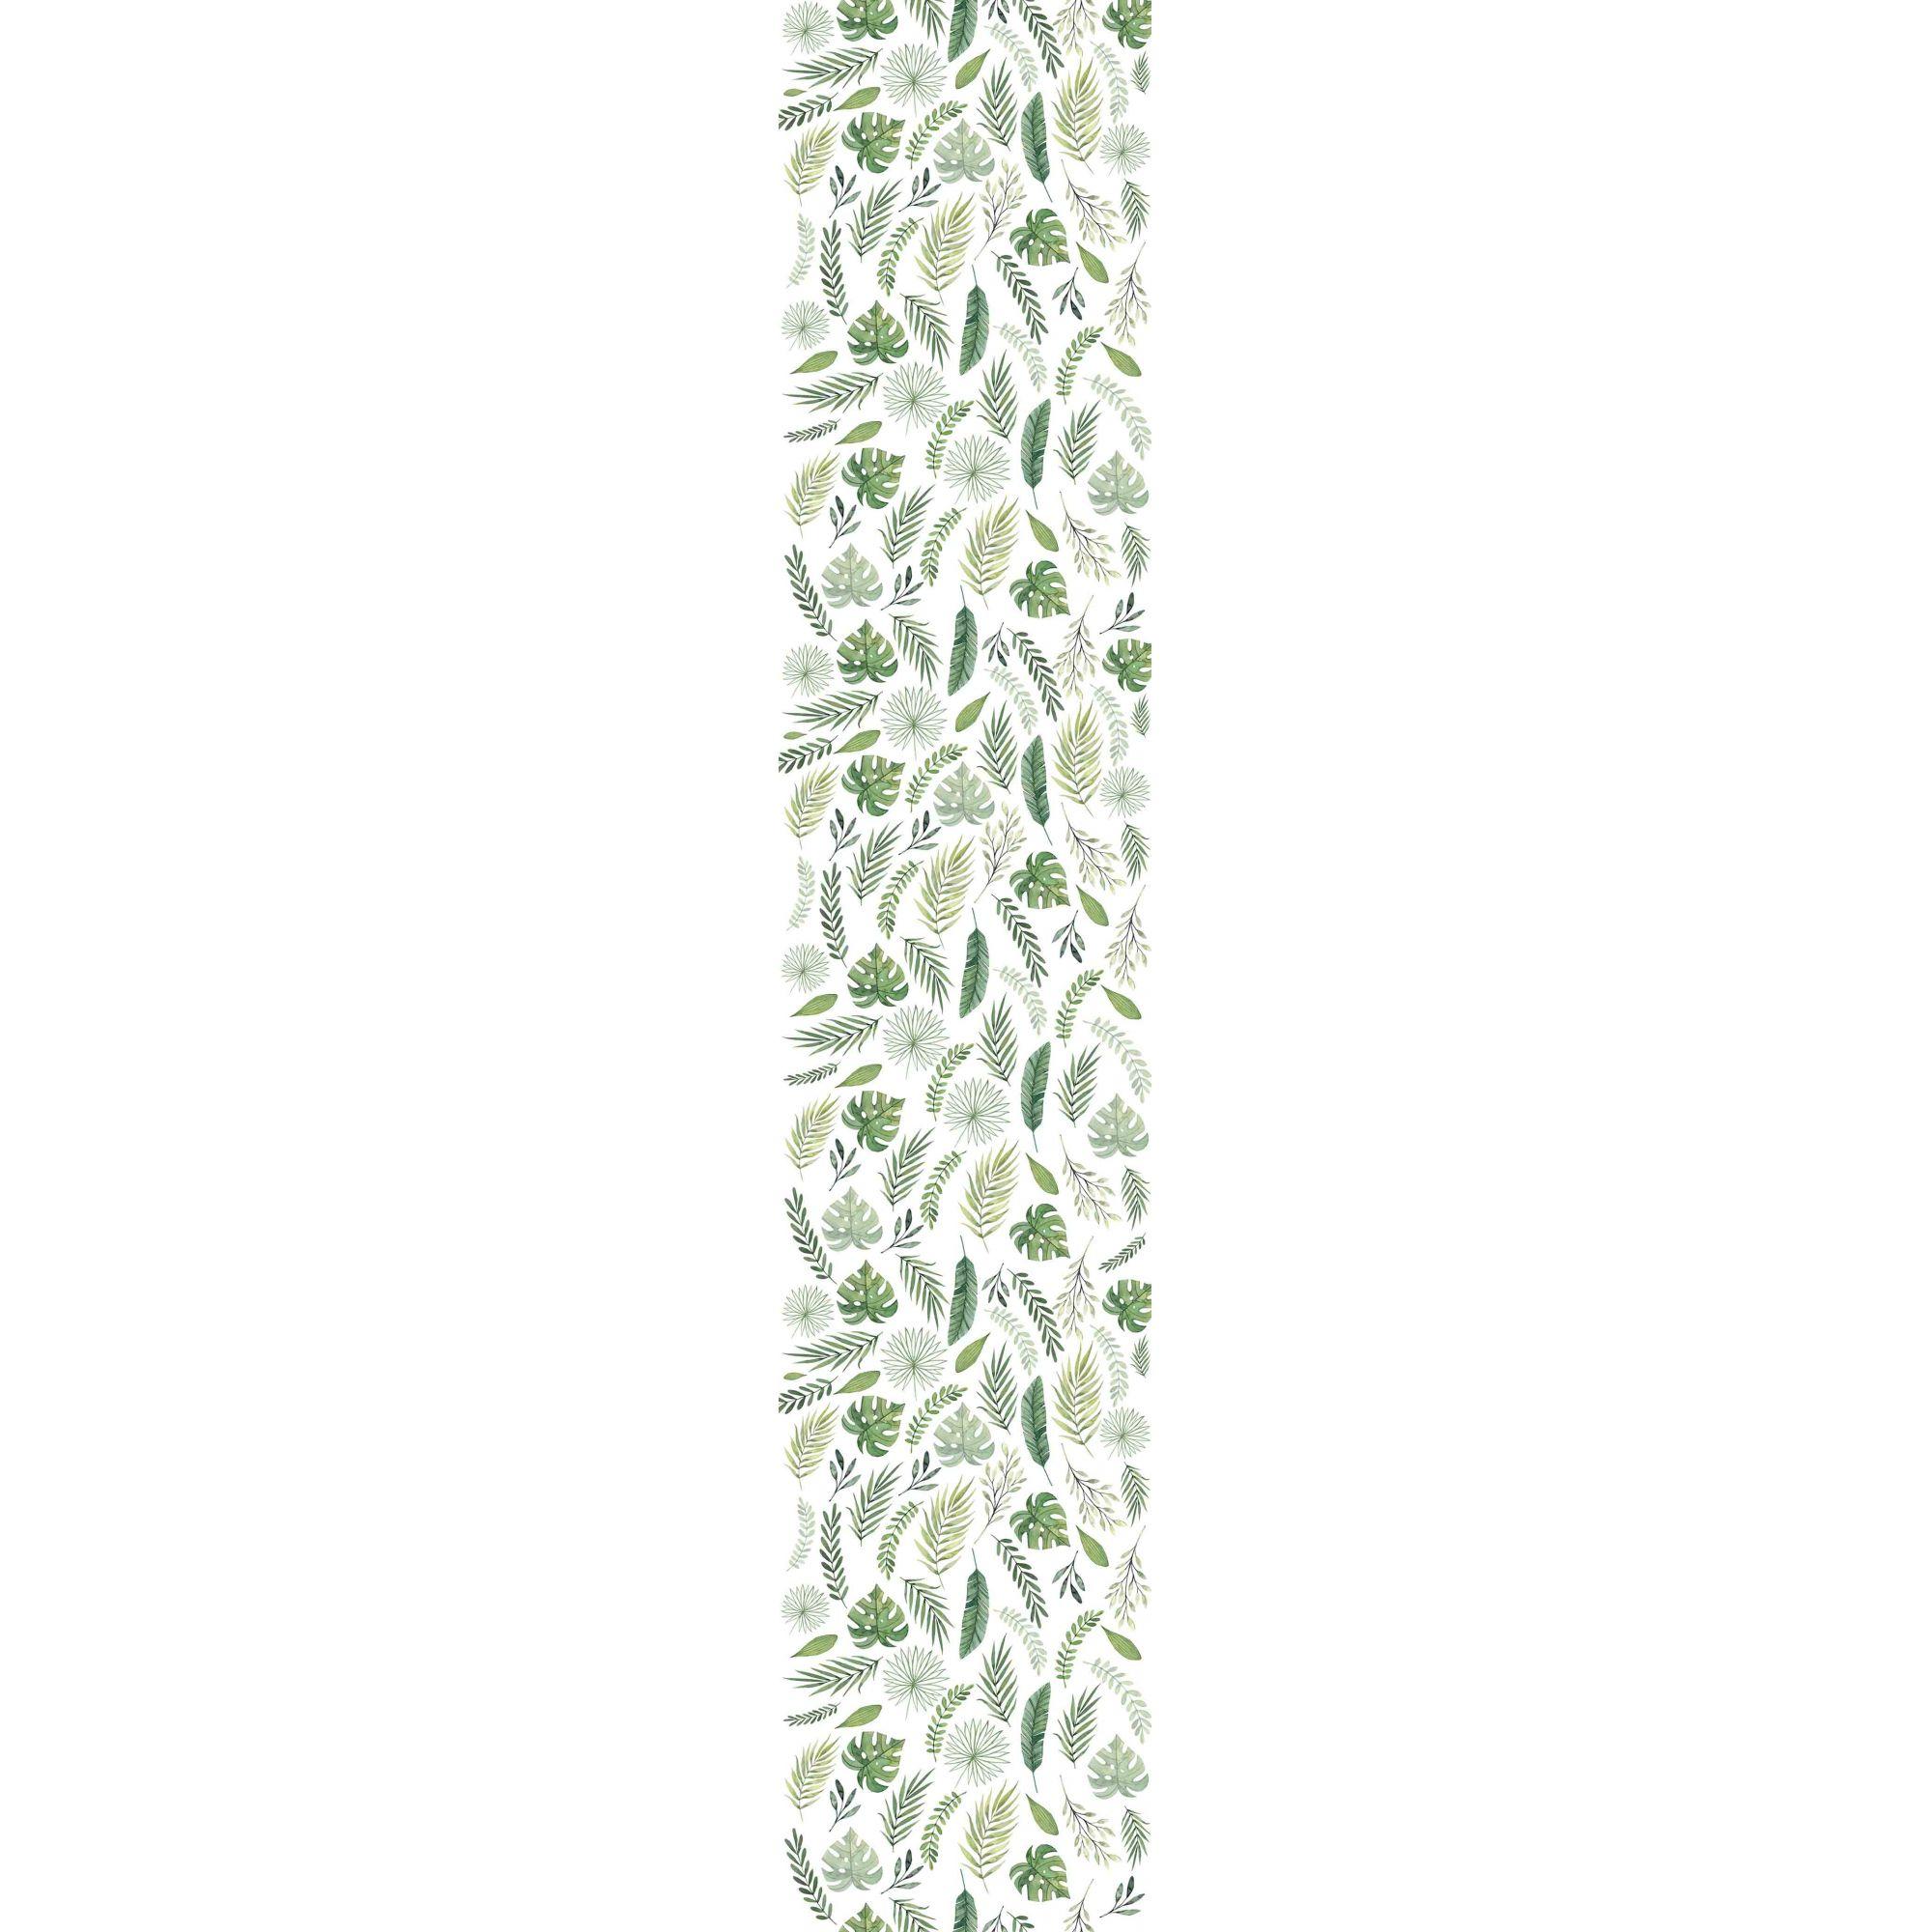 Papel de Parede Floral Delicato  - TaColado